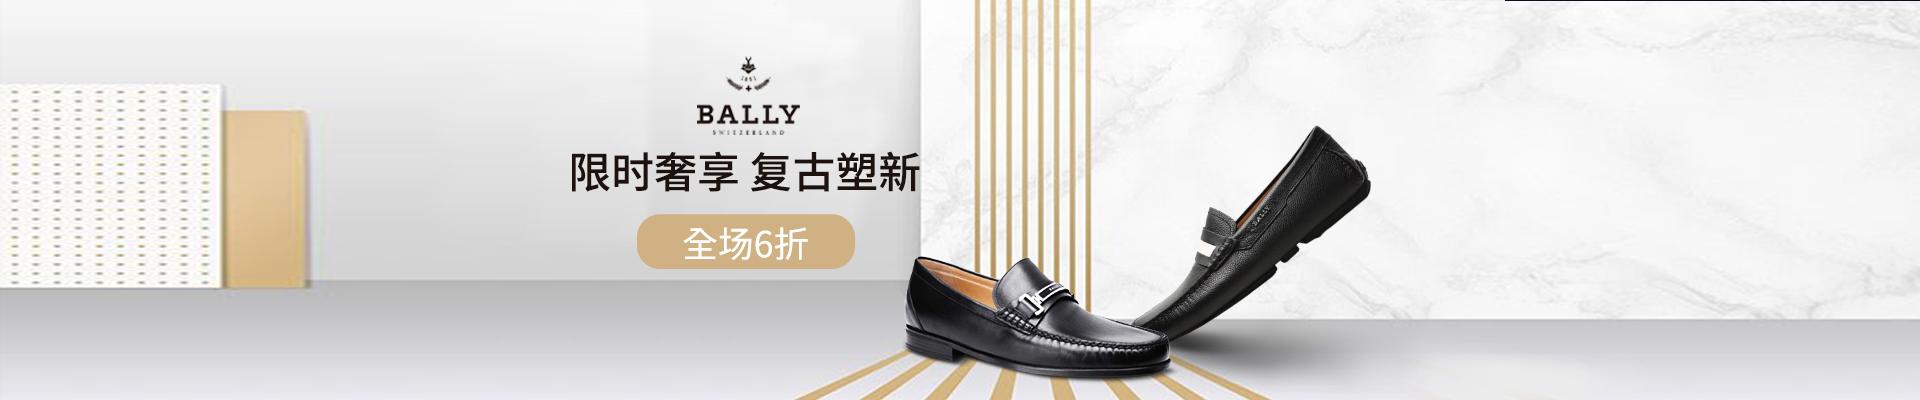 瑞士 Bally 巴利男女皮鞋,做工考究,款式新颖,享受生活品味,限时6折!